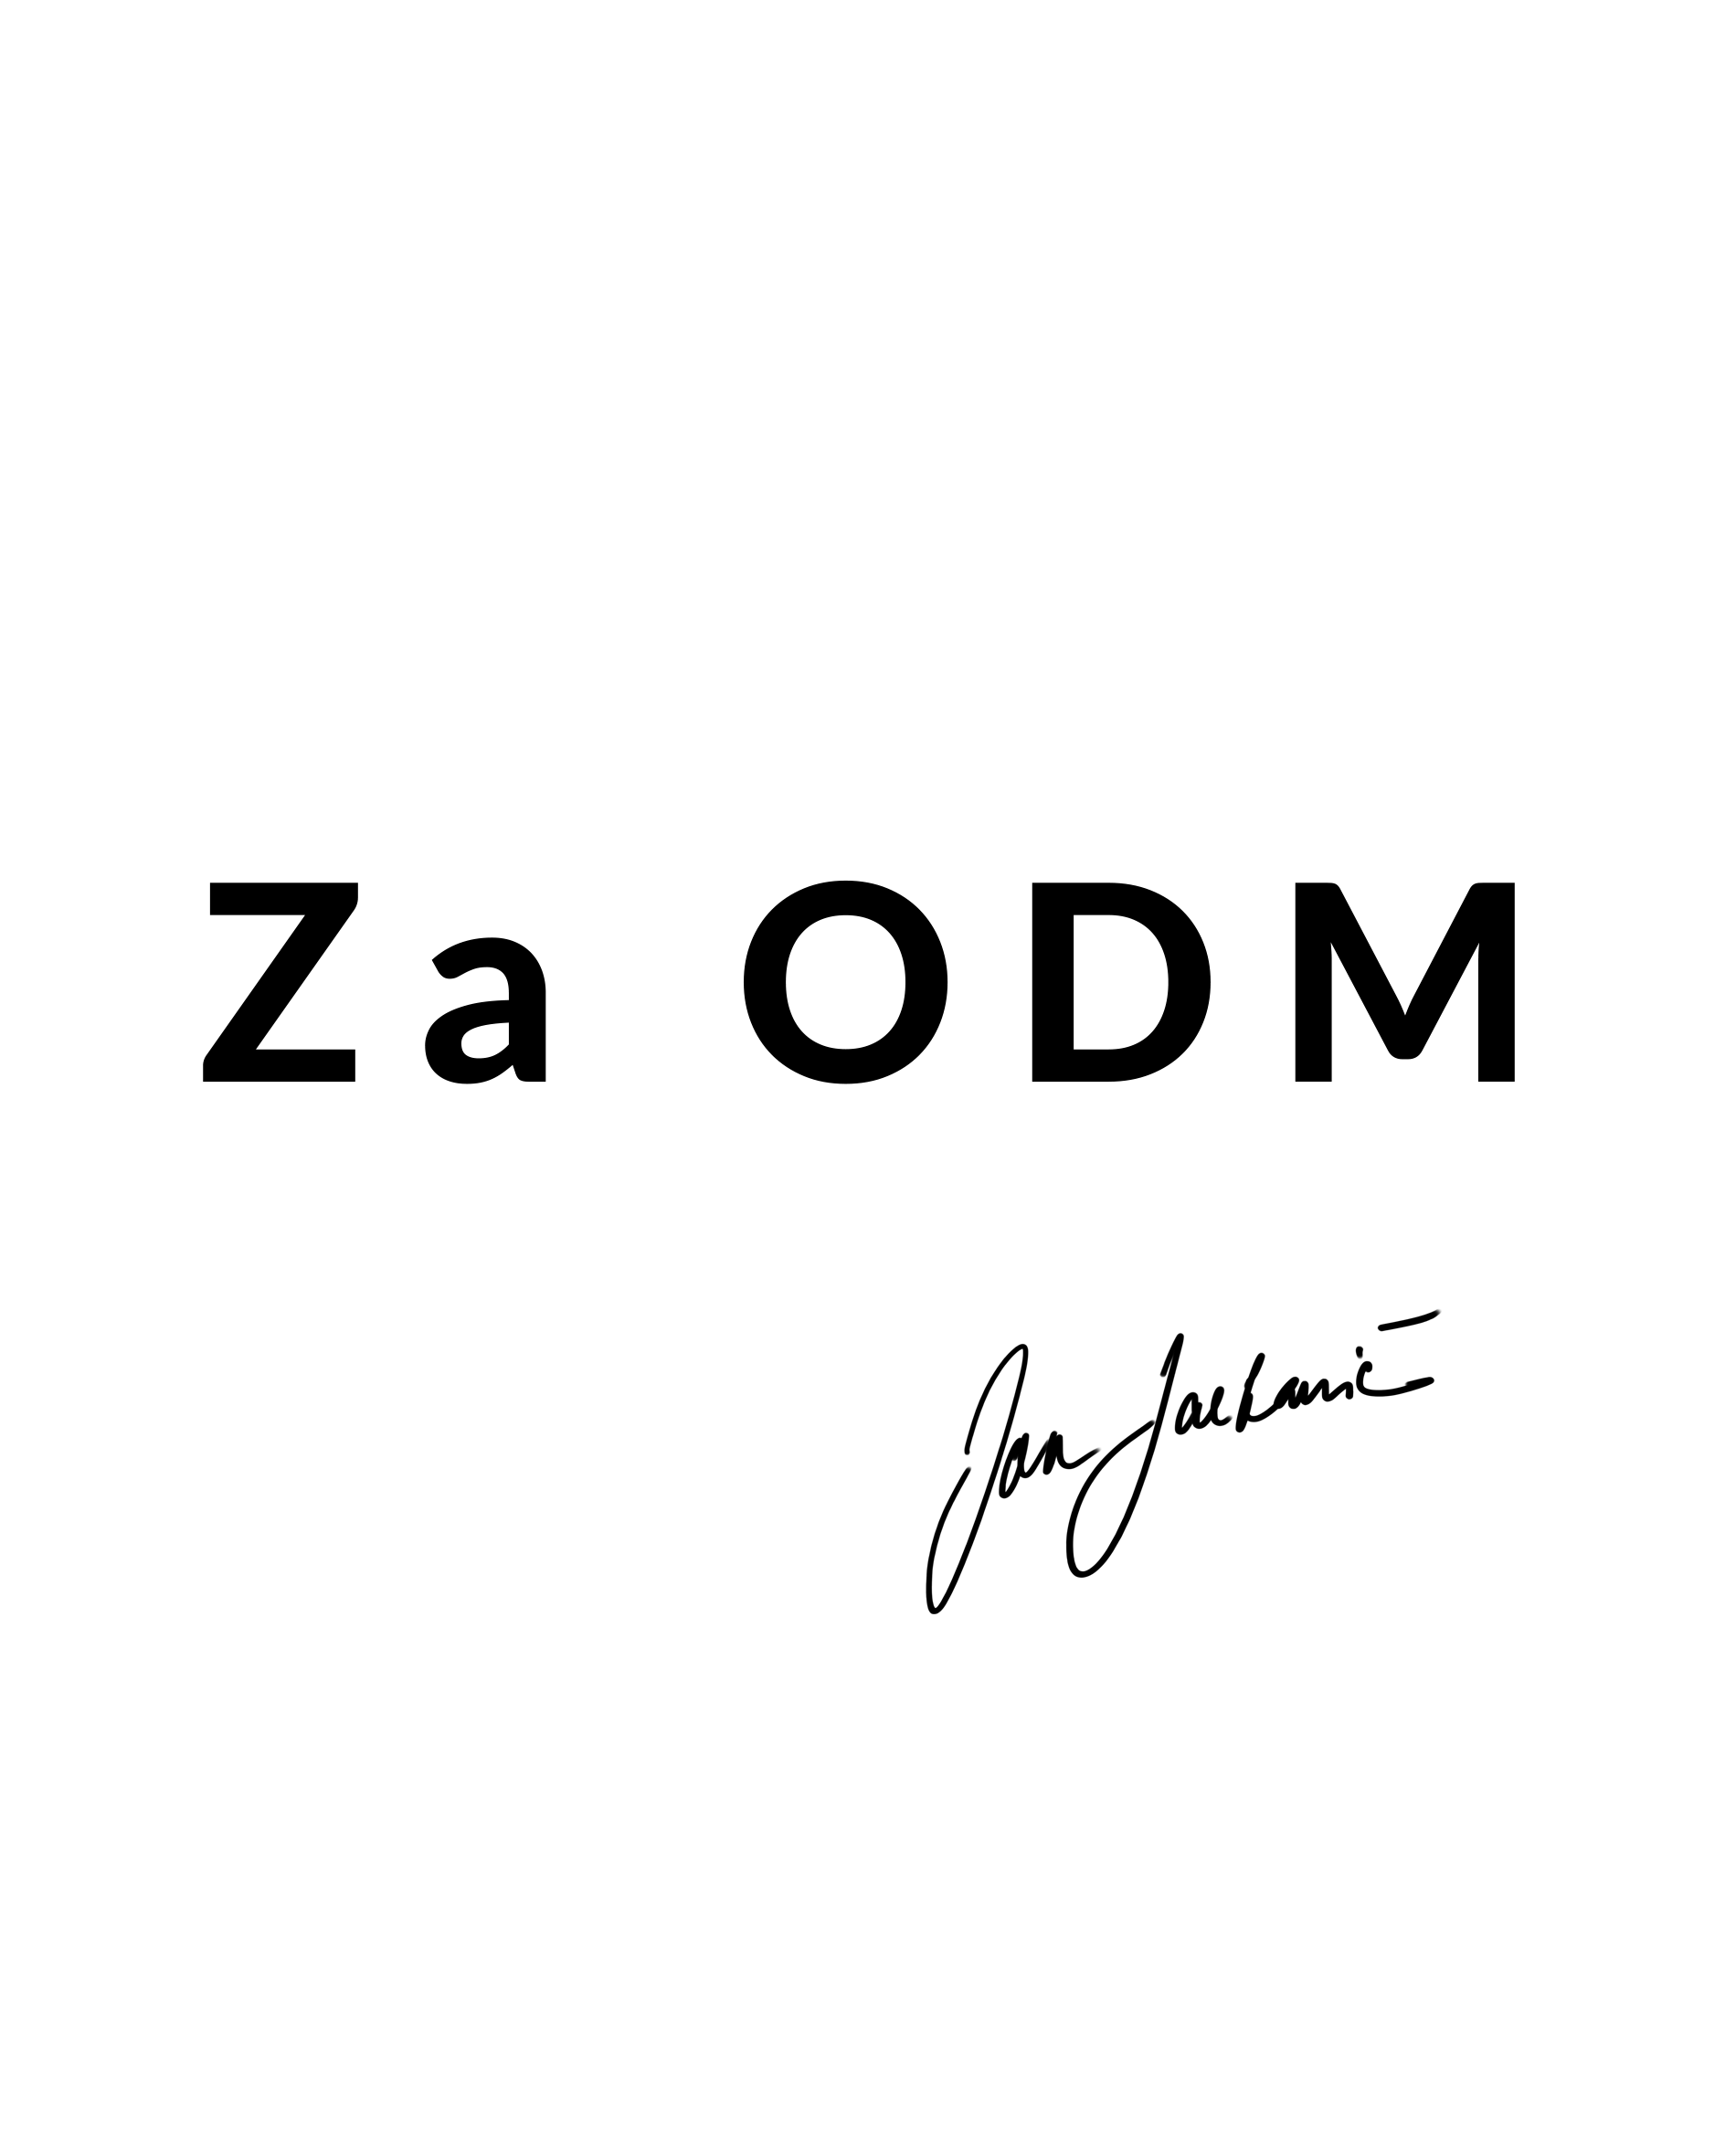 bw.jpg